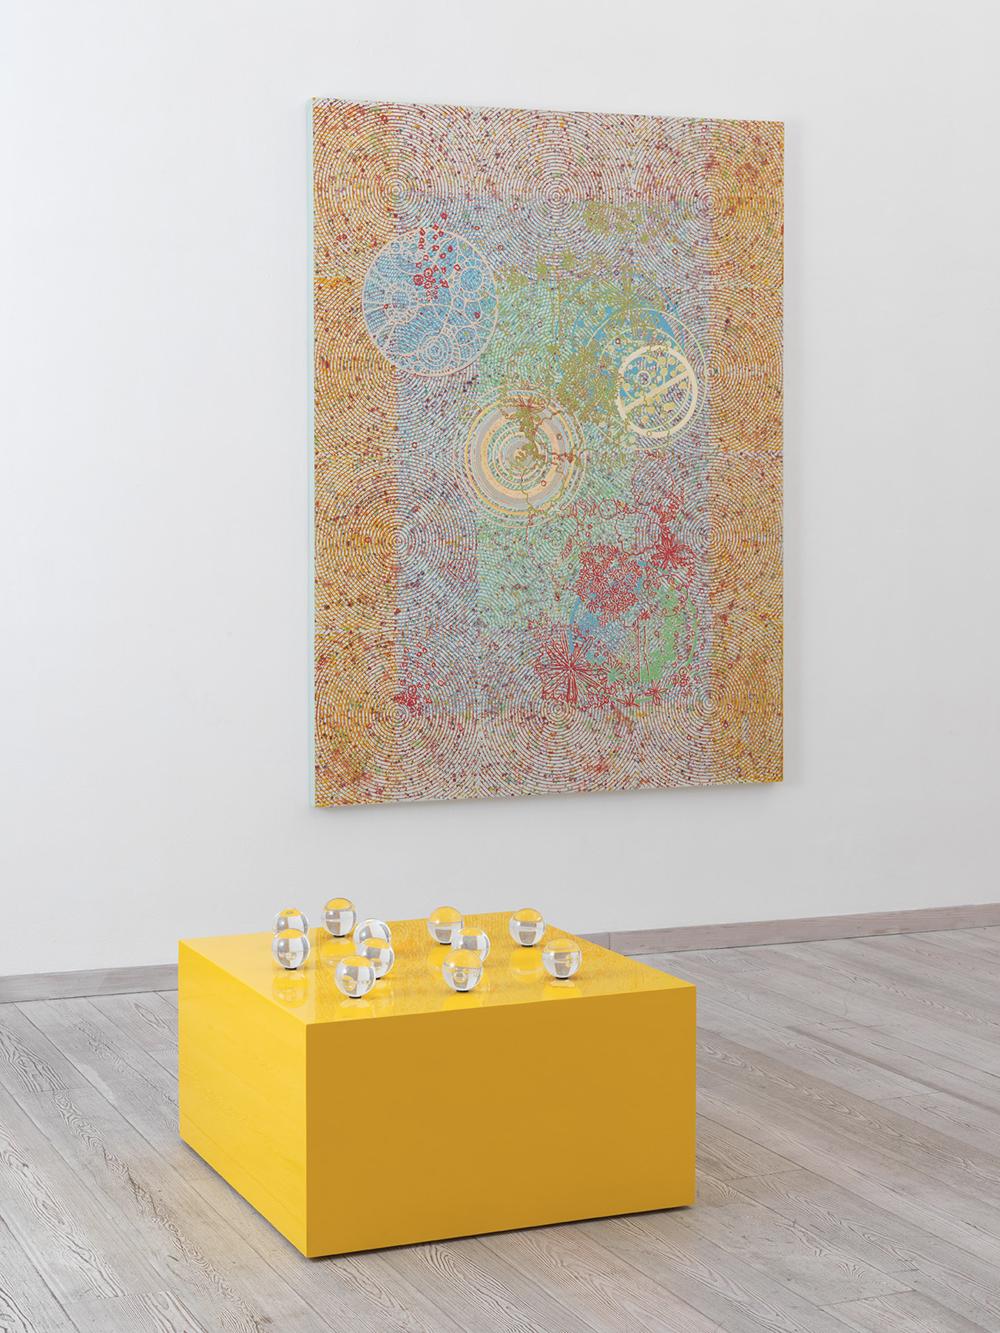 Cose non dette, 2011, legno laccato, vetro, disegni e fotografia, cm 52x86x80 e Astratto, 2010, olio e acrilico su tela, cm 200x150